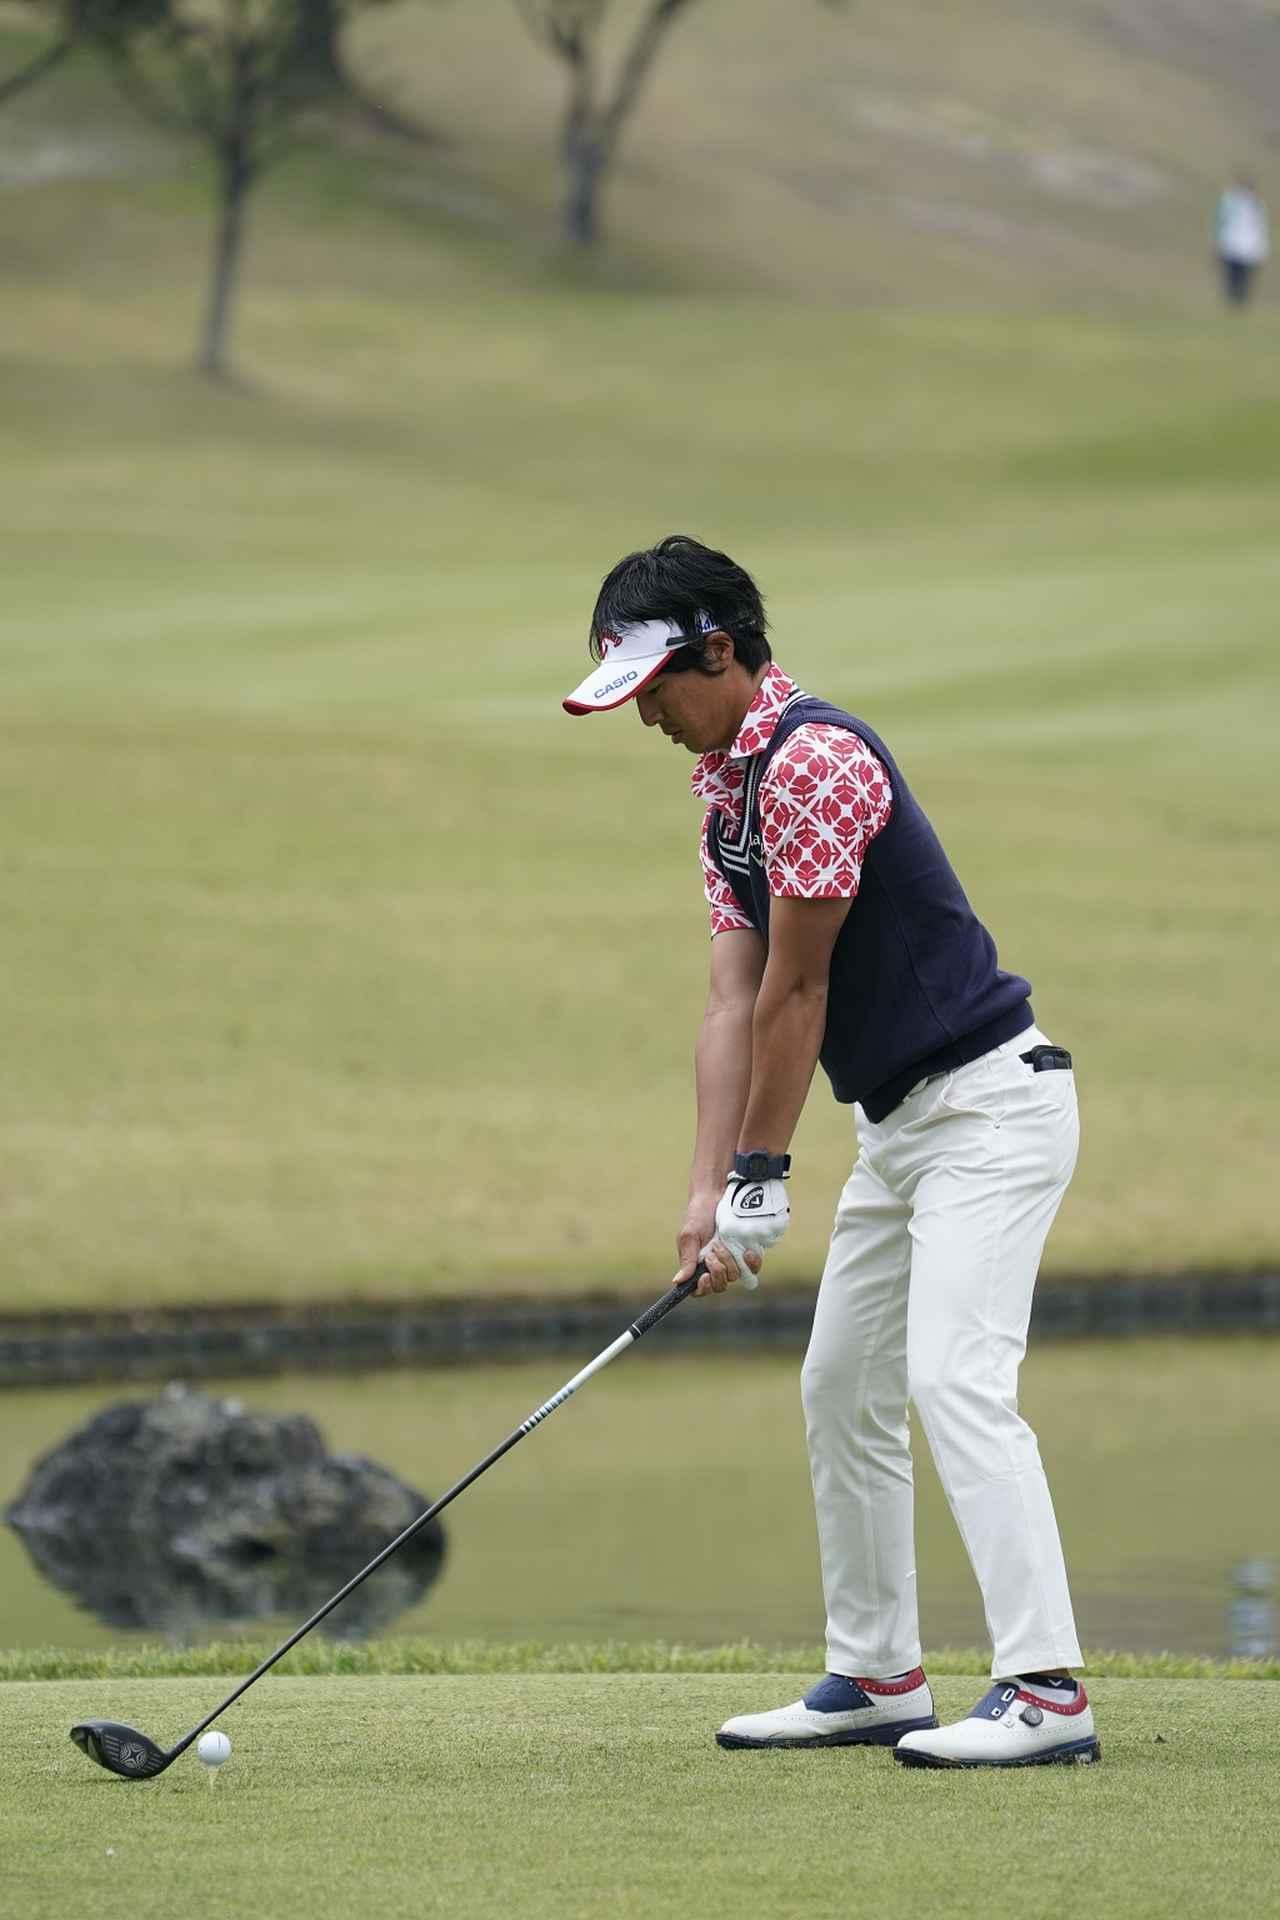 画像: 1番目の画像 - 石川遼ドライバー前方連続写真 - みんなのゴルフダイジェスト